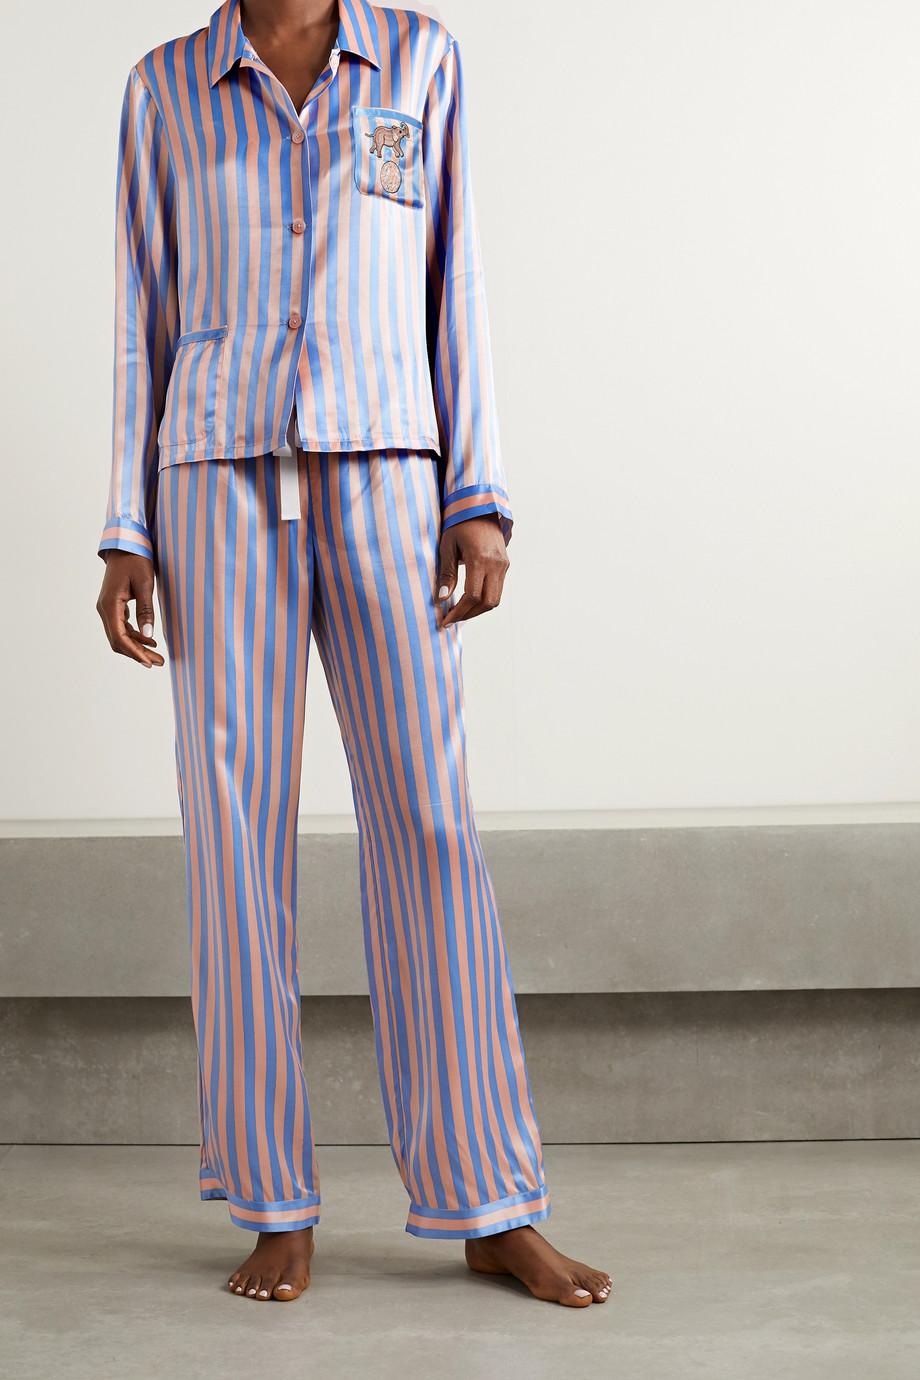 Morgan Lane Ruthie Chantal embellished embroidered striped satin pajama set